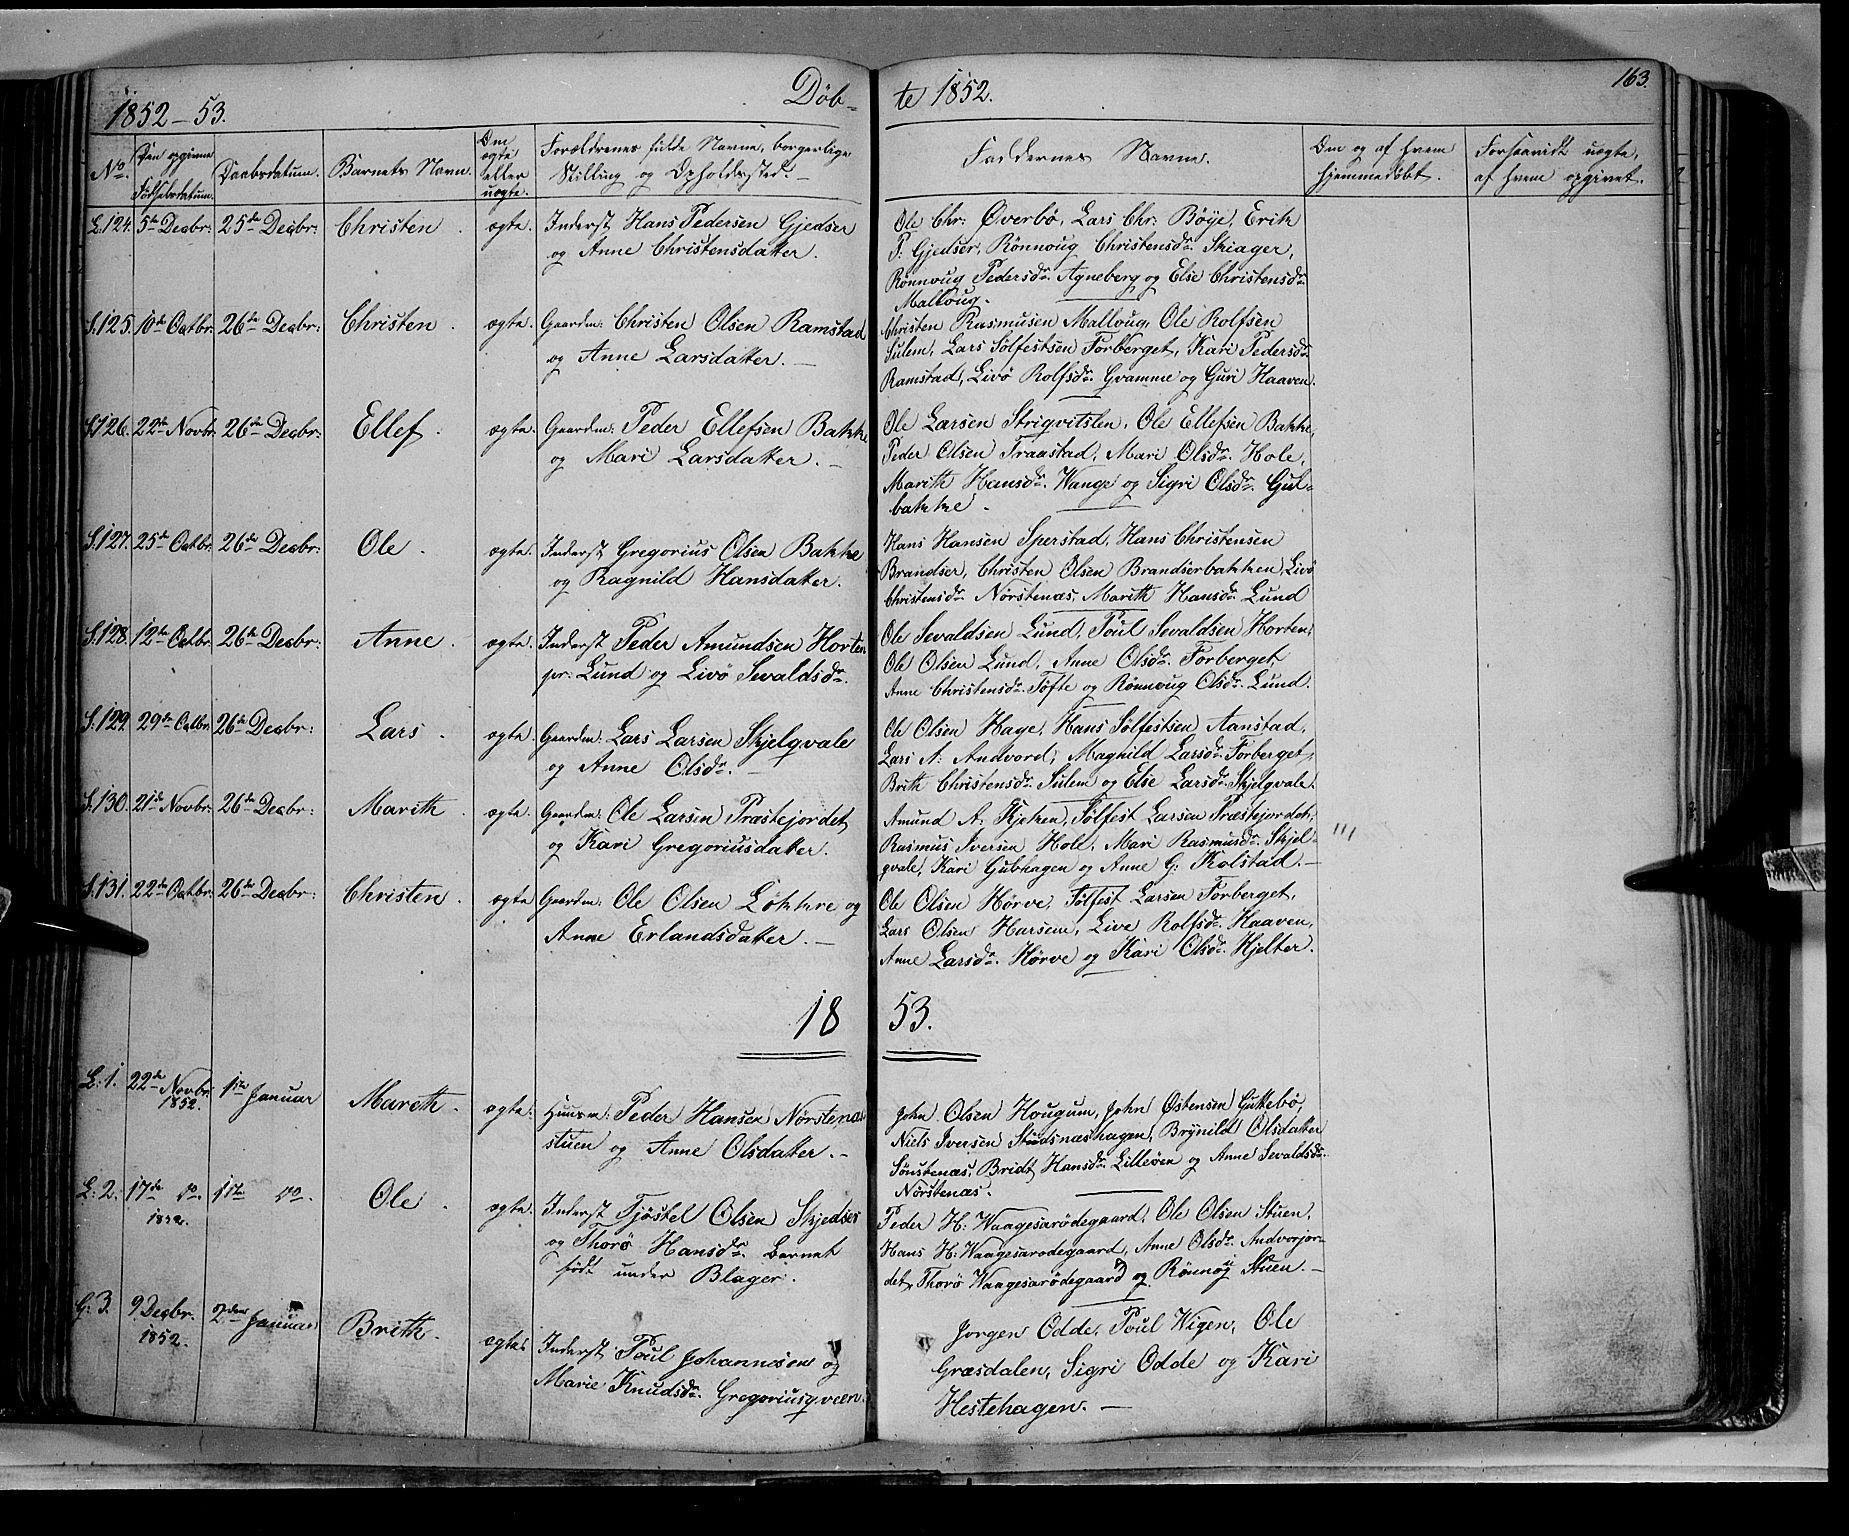 SAH, Lom prestekontor, K/L0006: Ministerialbok nr. 6A, 1837-1863, s. 163